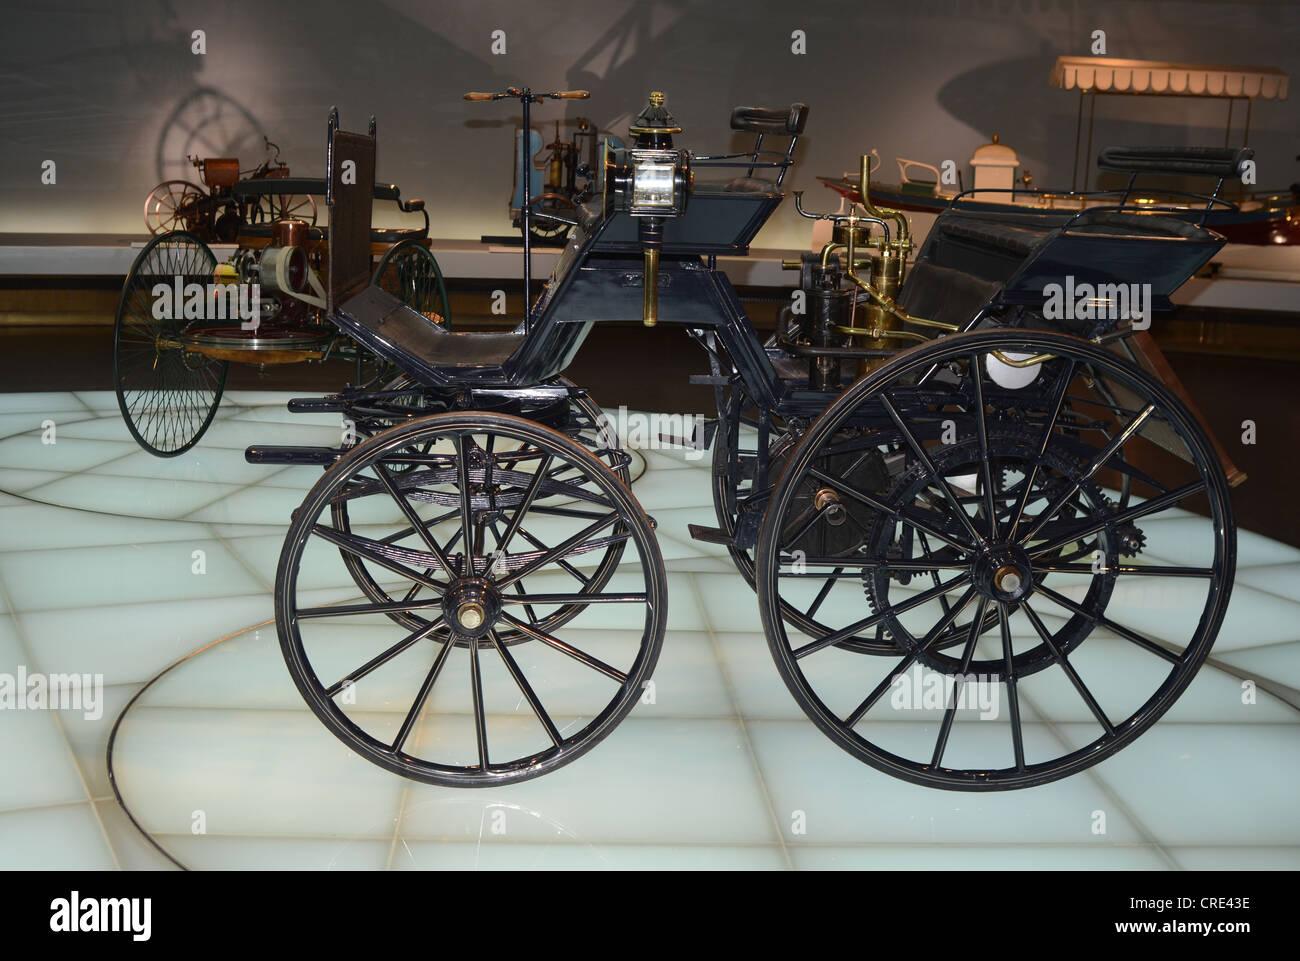 First Car Stock Photos & First Car Stock Images - Alamy